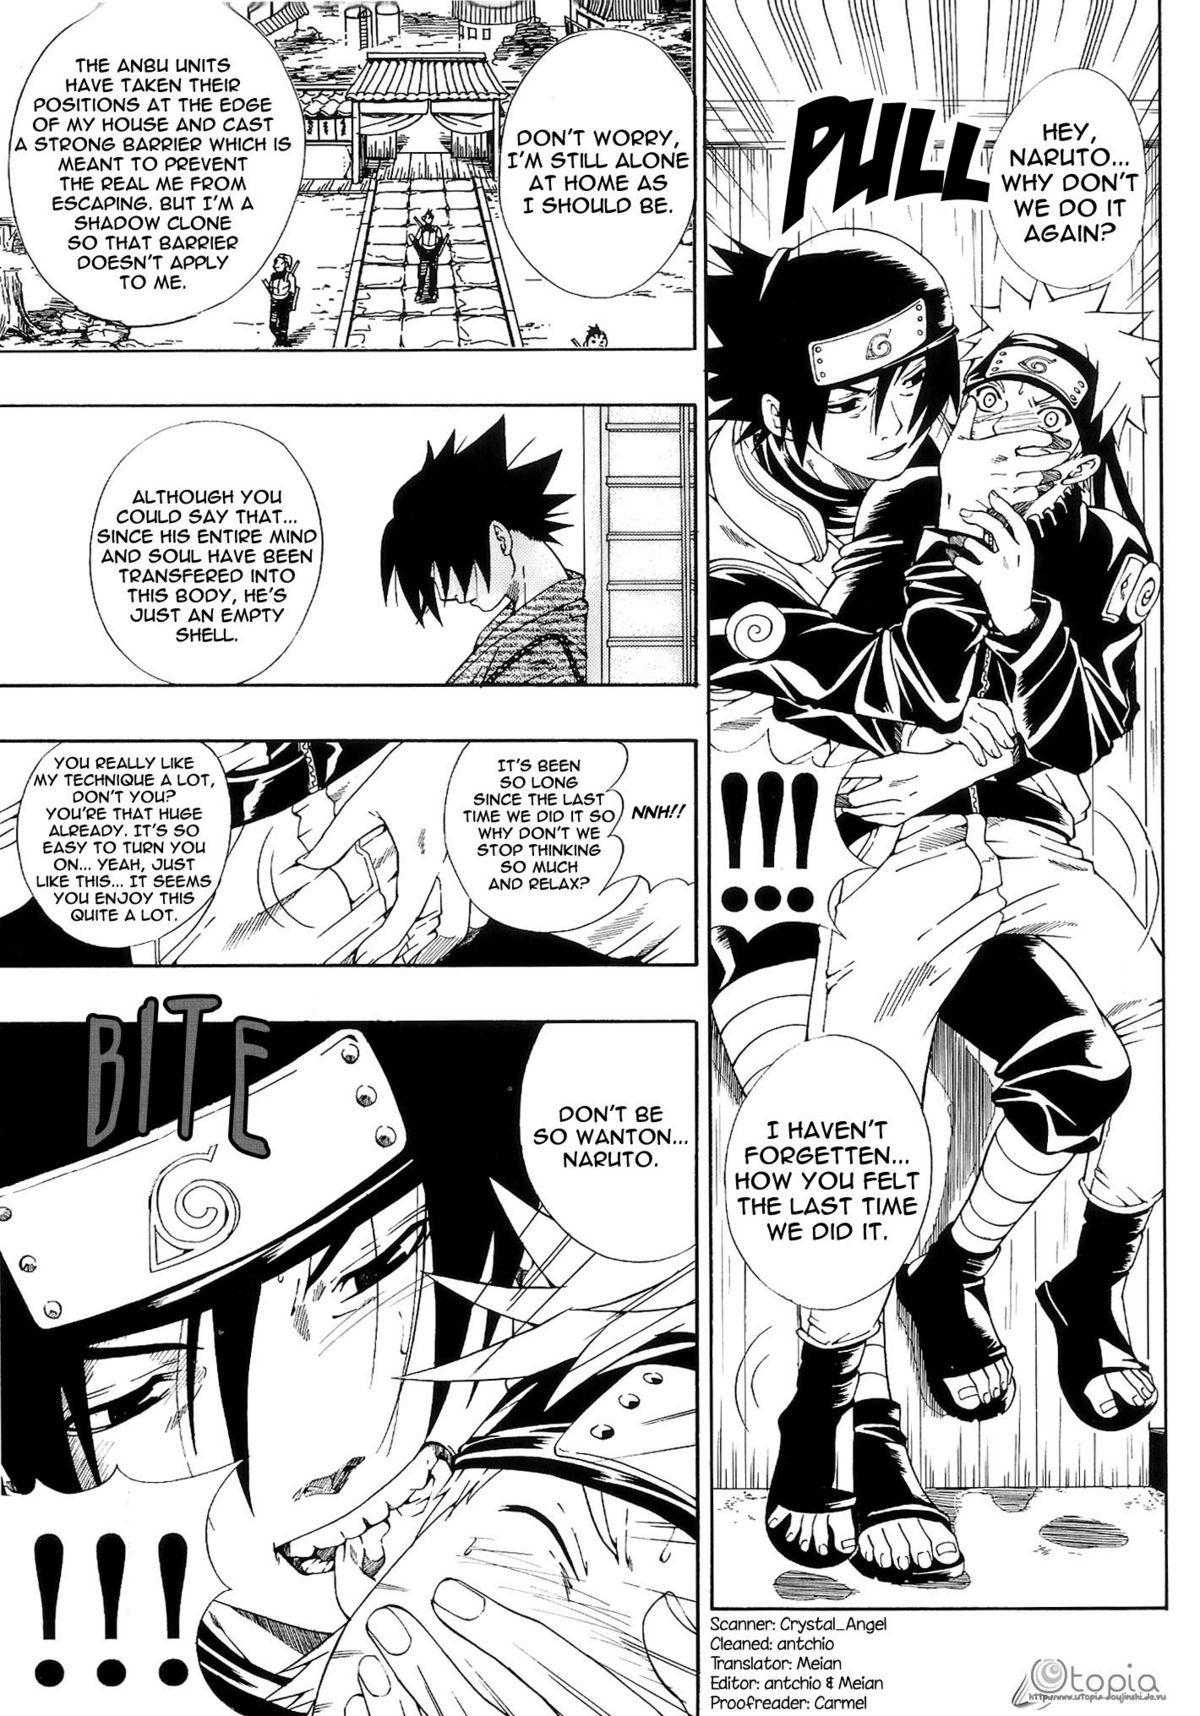 ERO ERO²: Volume 1.5  (NARUTO) [Sasuke X Naruto] YAOI -ENG- 3